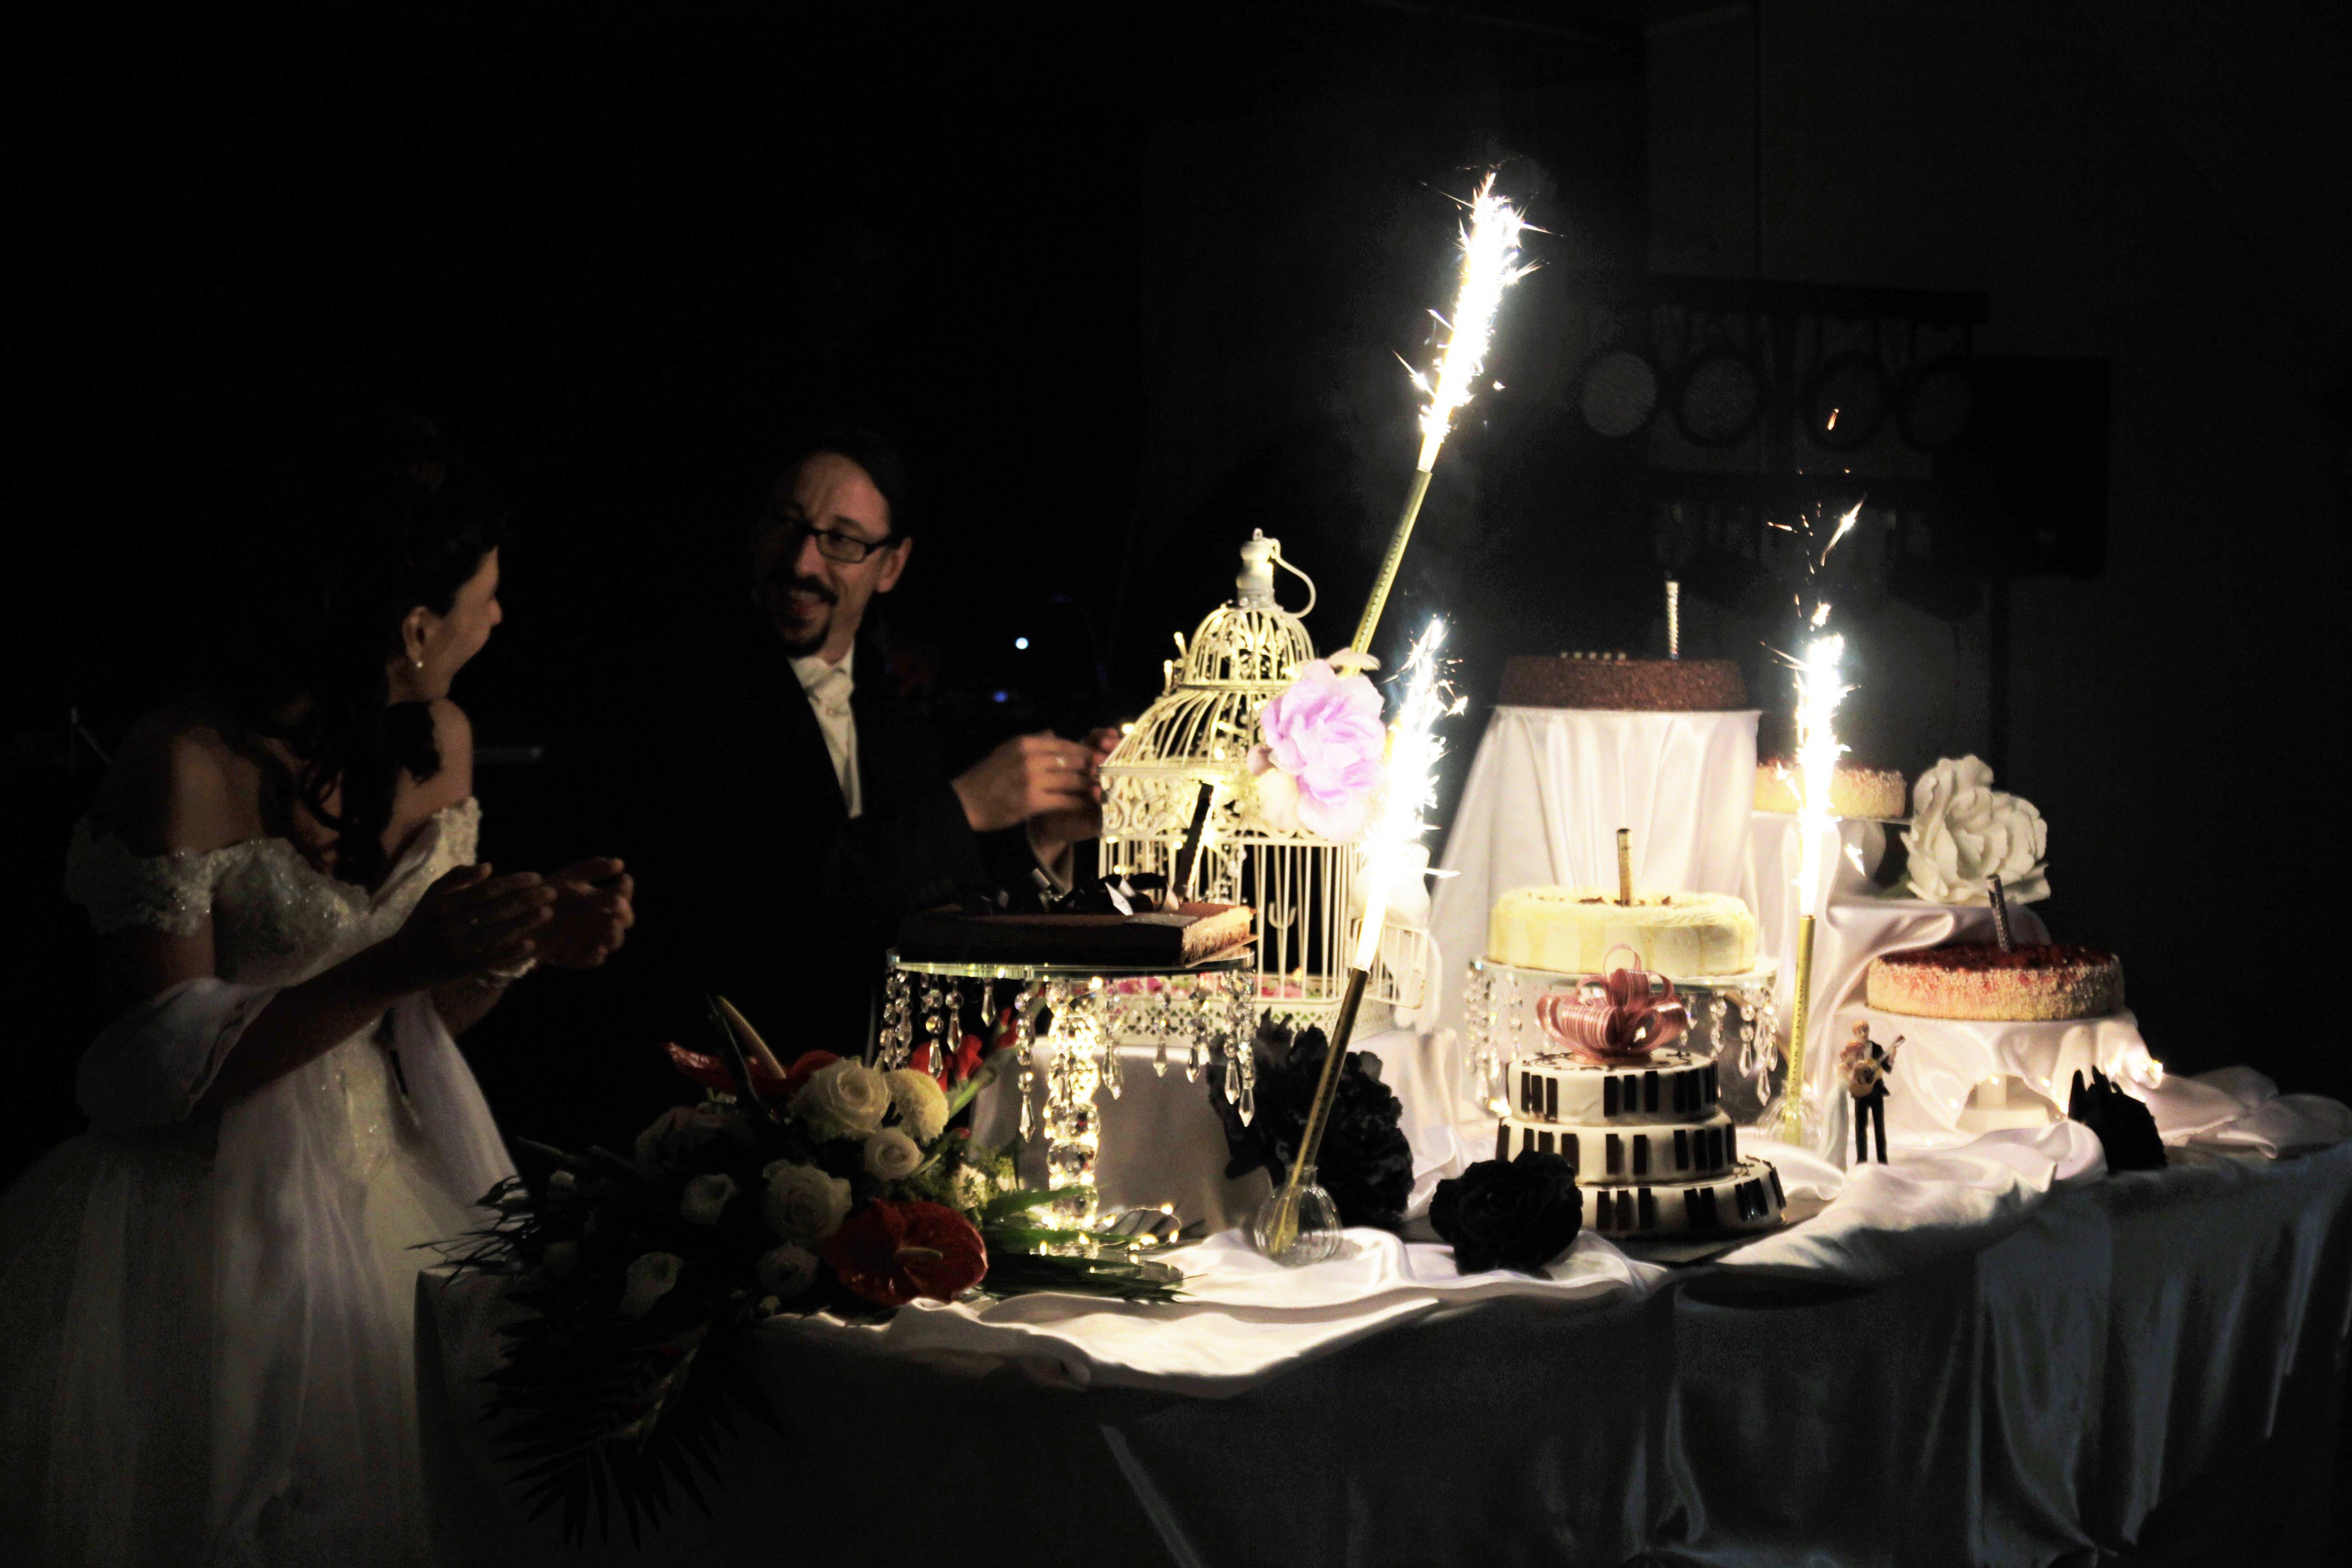 europrception varet traiteur rouen 76 pour votre vin dhonneur repas de mariage buffet de mariage lendemain de mariage en seine maritime 76 et dans - Traiteur Mariage Rouen